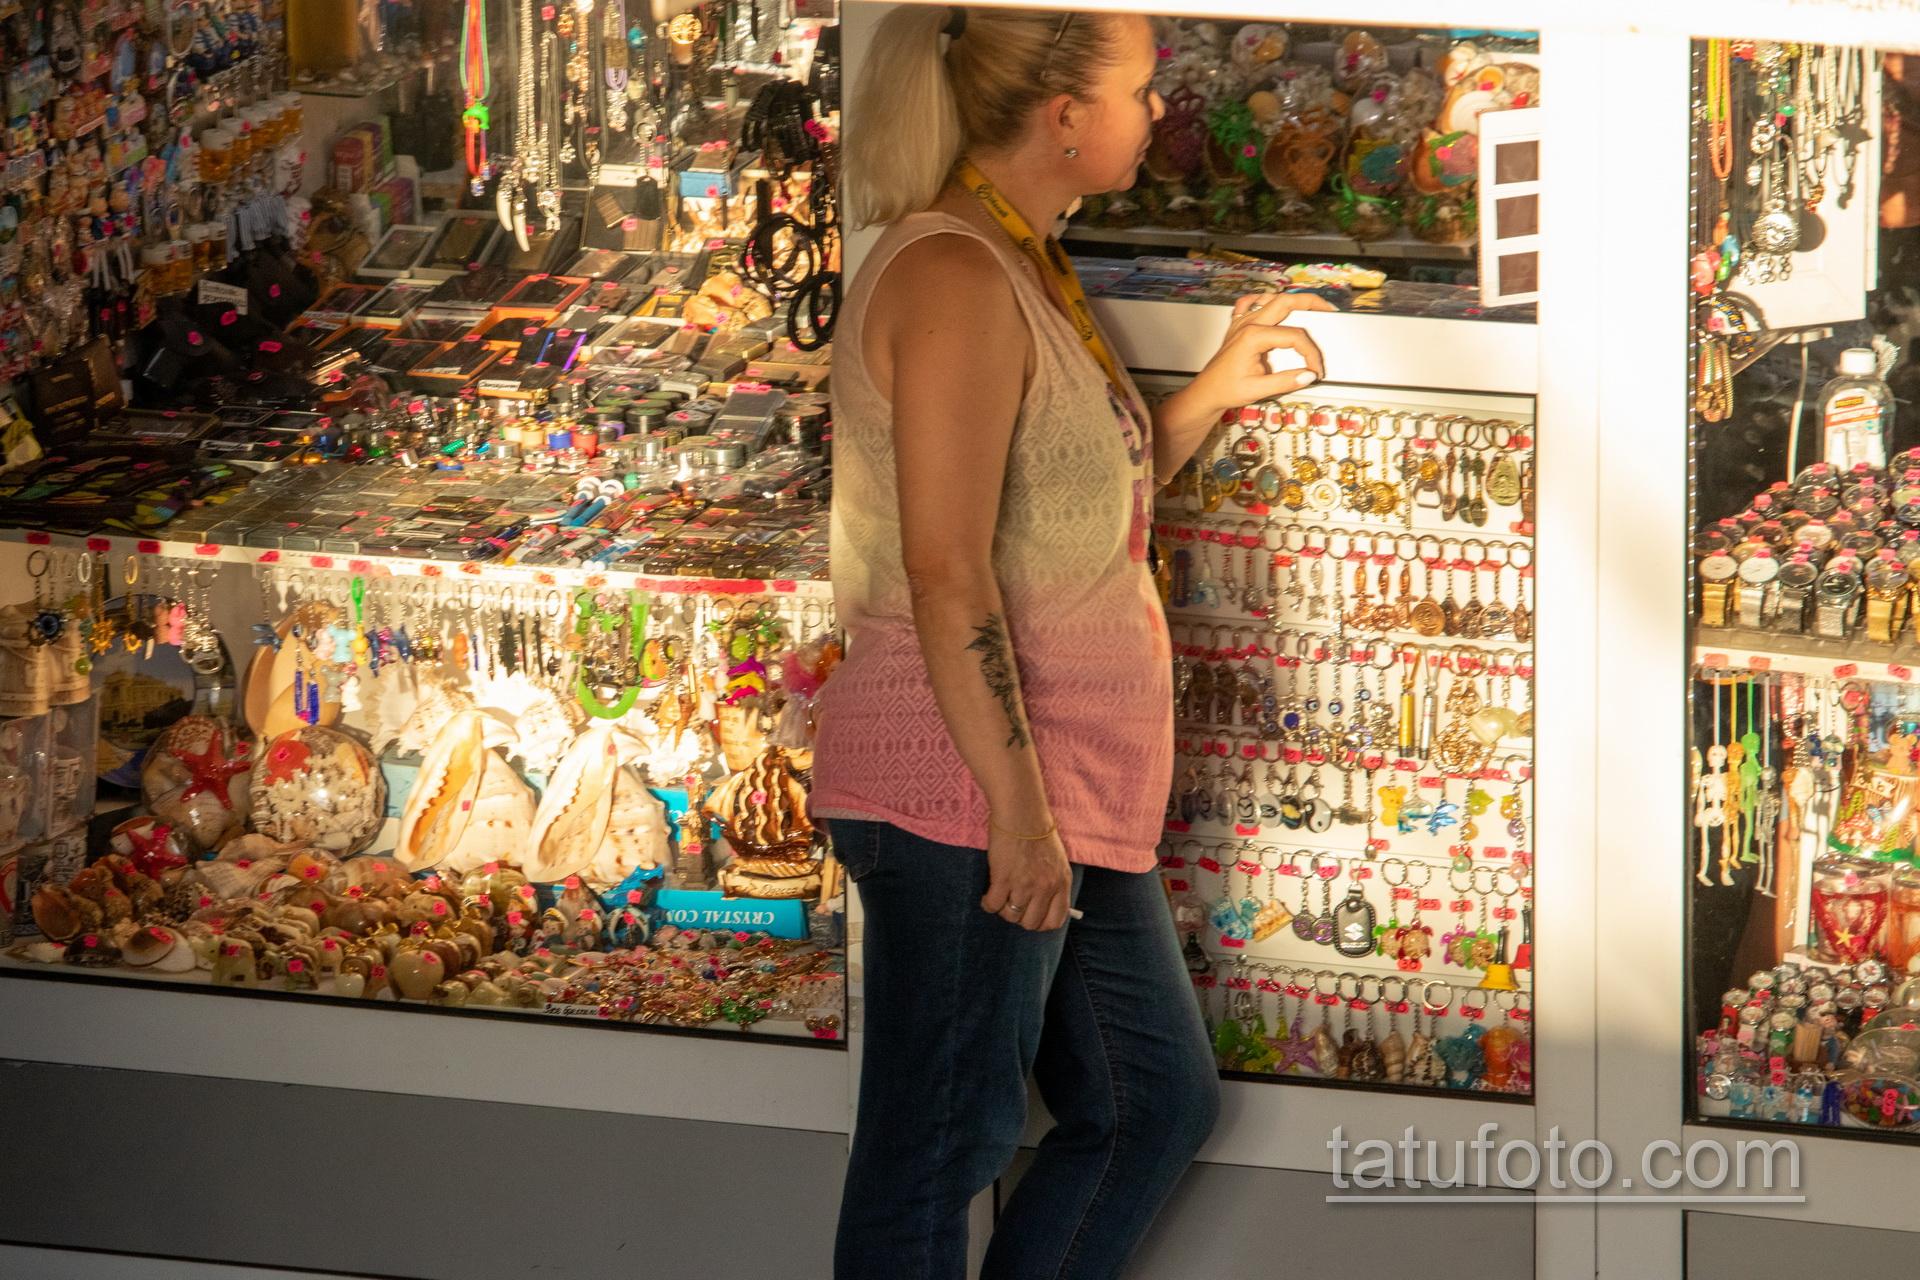 Тату с цветами на правом предплечье женщины - Уличная татуировка 14.09.2020 – tatufoto.com 5